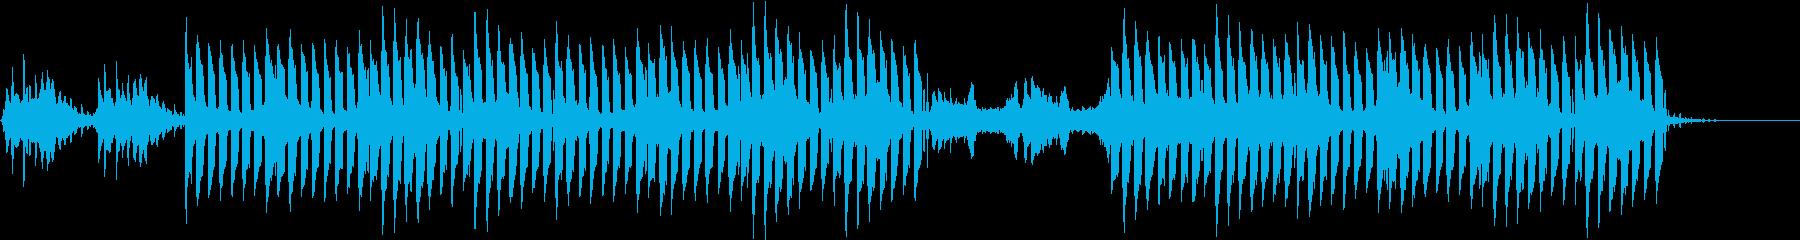 おしゃれなEDMジングルの再生済みの波形